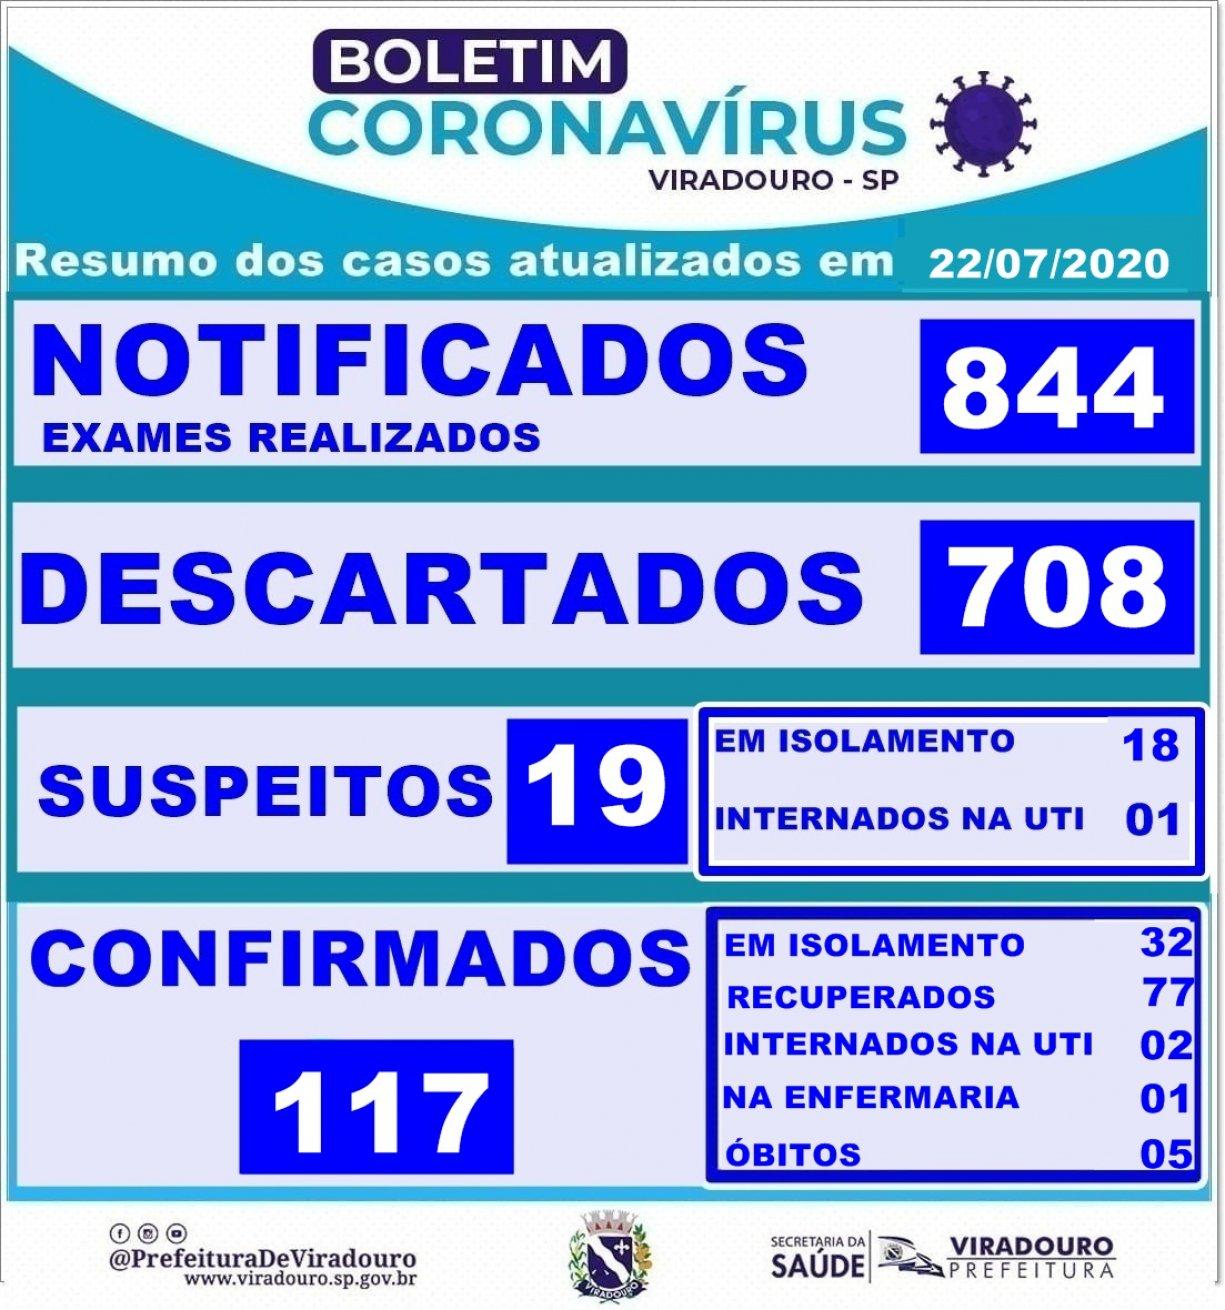 Boletim Epidemiológico Viradouro (Atualização 22/07/2020)